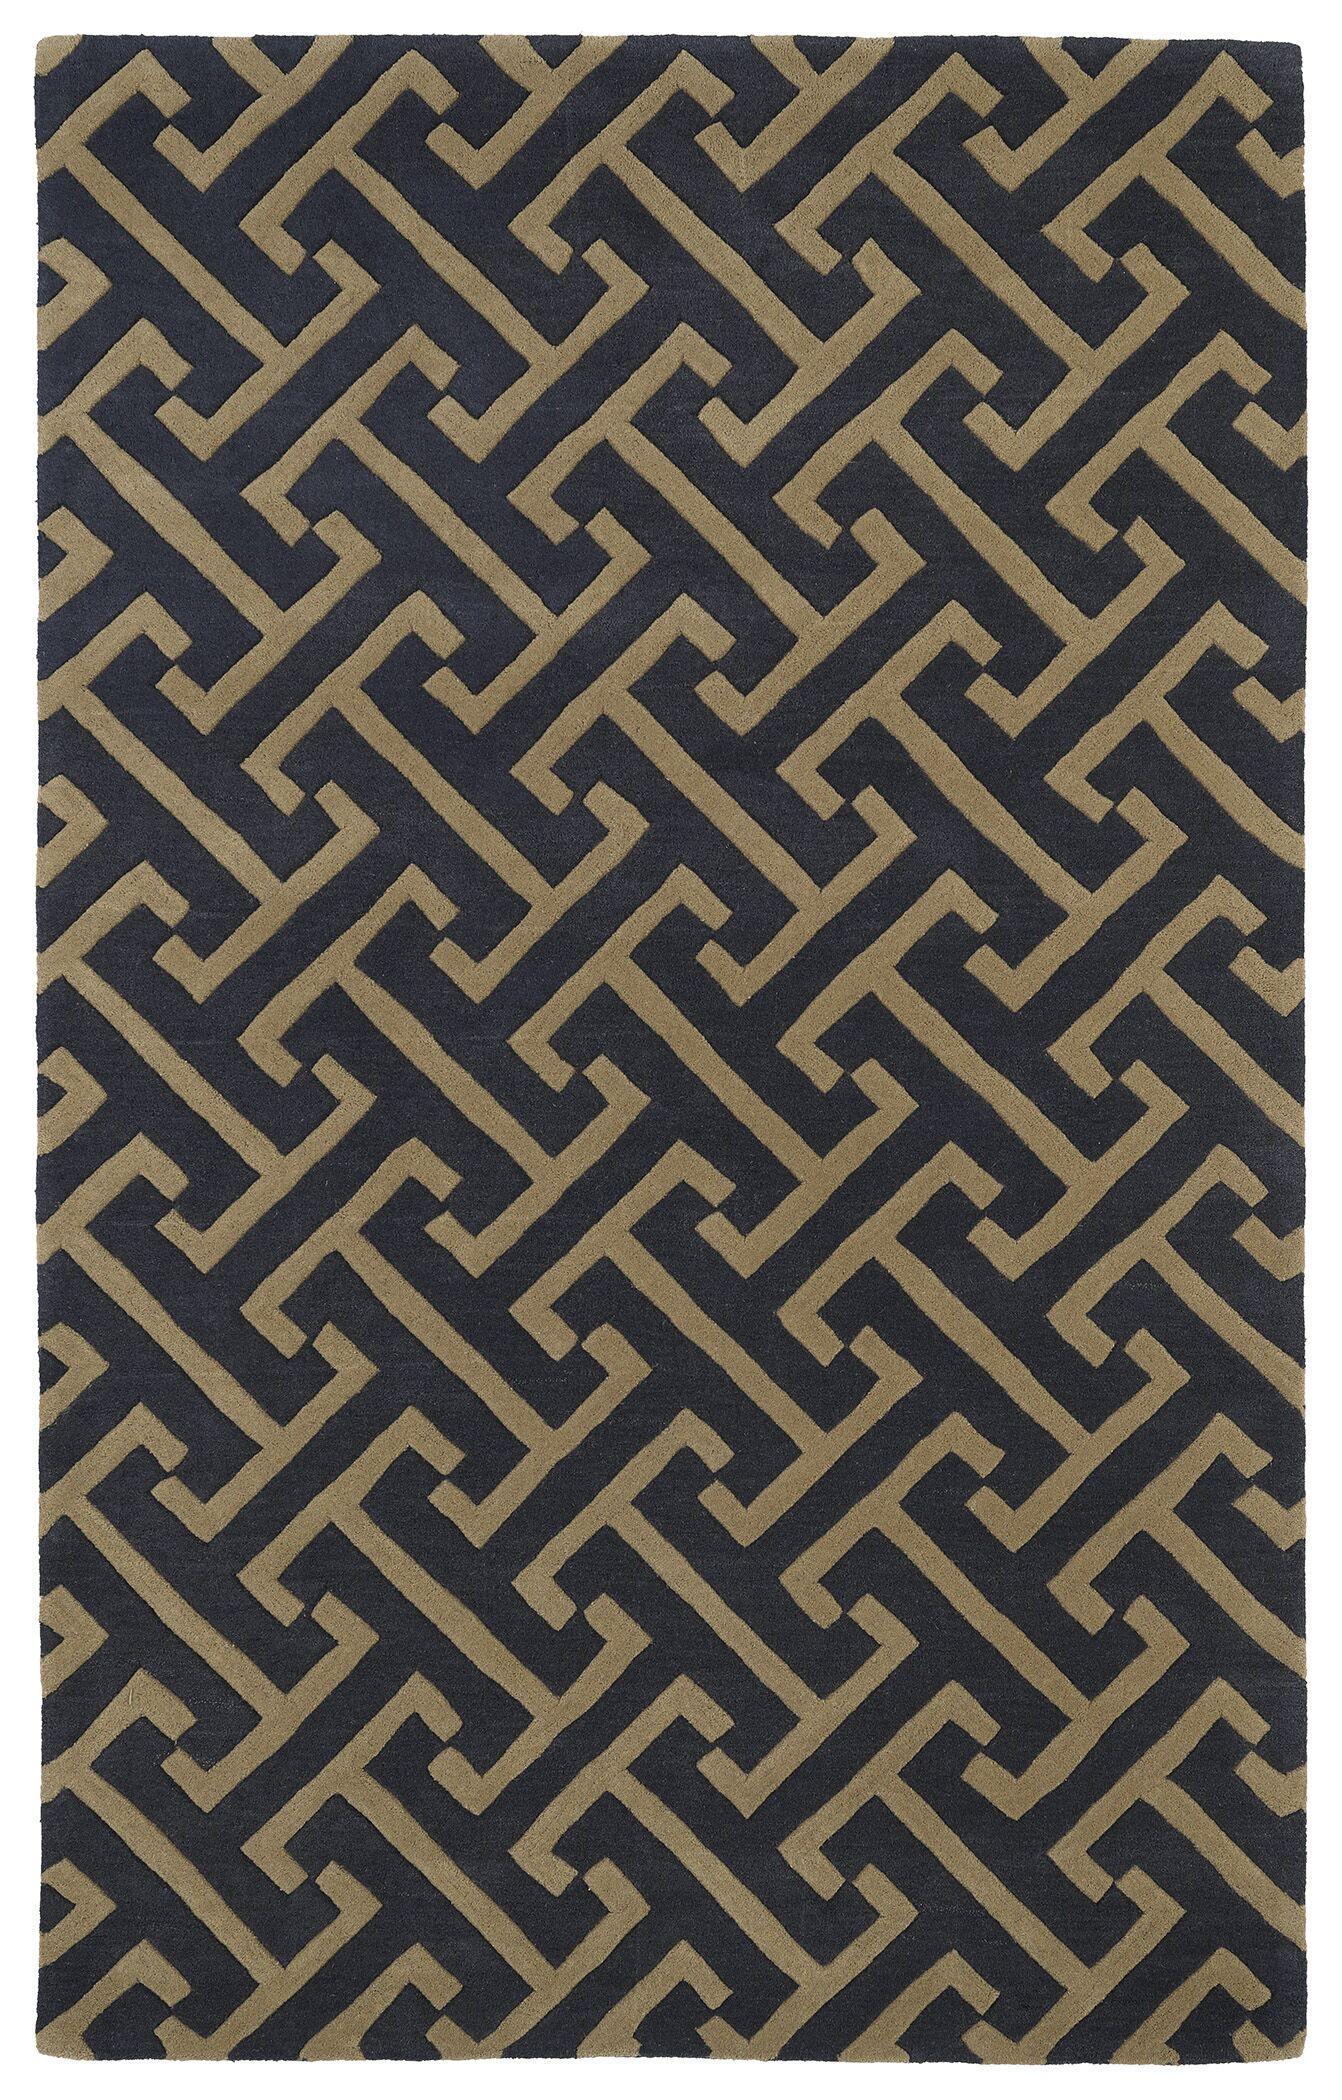 Vanauken Charcoal Area Rug Rug Size: Rectangle 8' x 11'